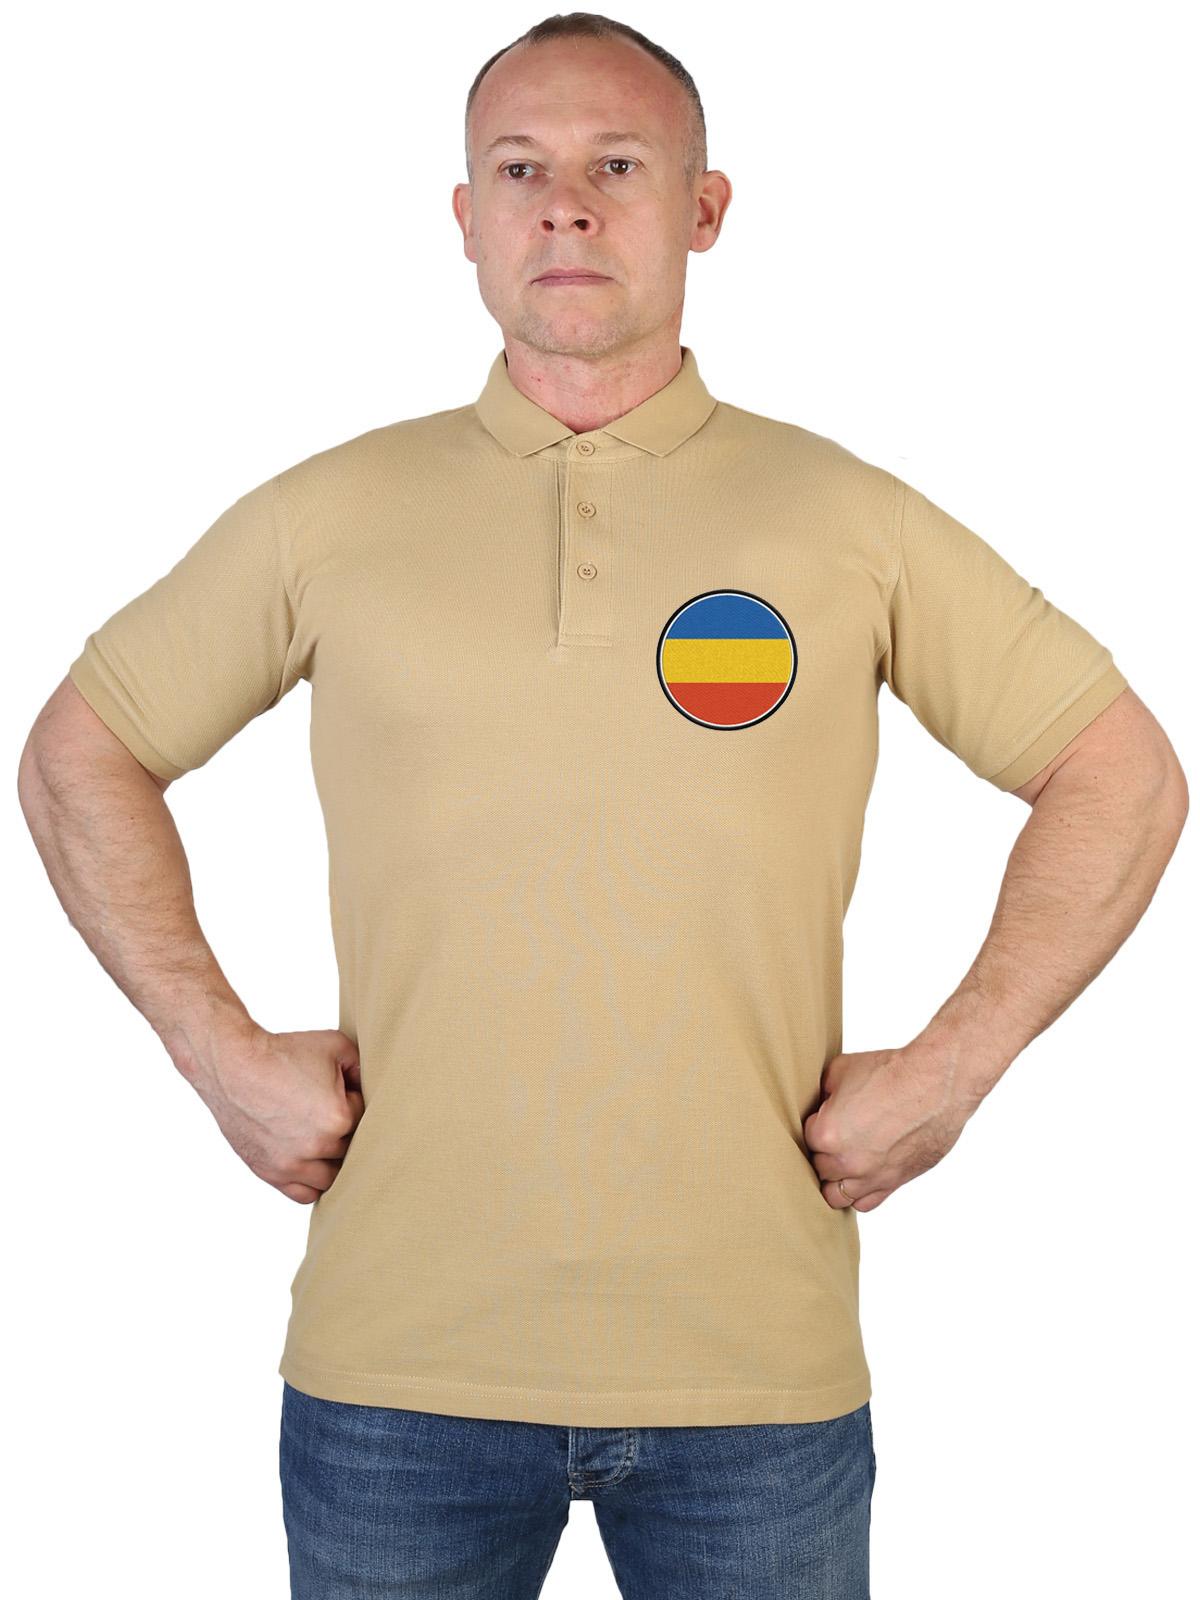 Купить хлопковую песочную футболку-поло с вышивкой для казака Донского Войска онлайн